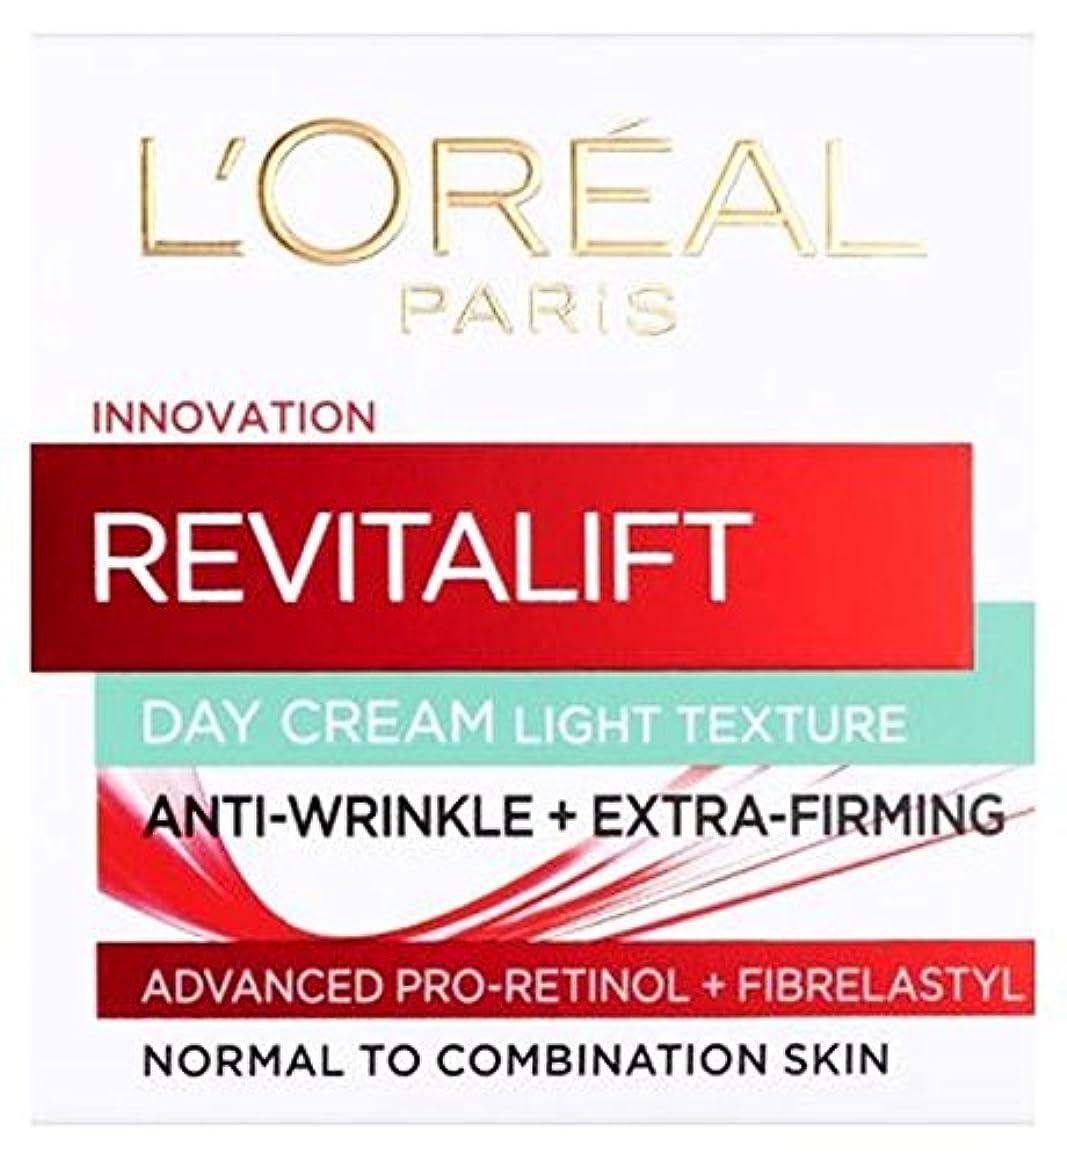 静かに満員間欠L'OreallパリRevitalift日クリーム光テクスチャ抗しわ+エクストラファーミングクリーム50Ml (L'Oreal) (x2) - L'Oreall Paris Revitalift Day Cream Light Texture Anti-Wrinkle + Extra Firming 50ml (Pack of 2) [並行輸入品]